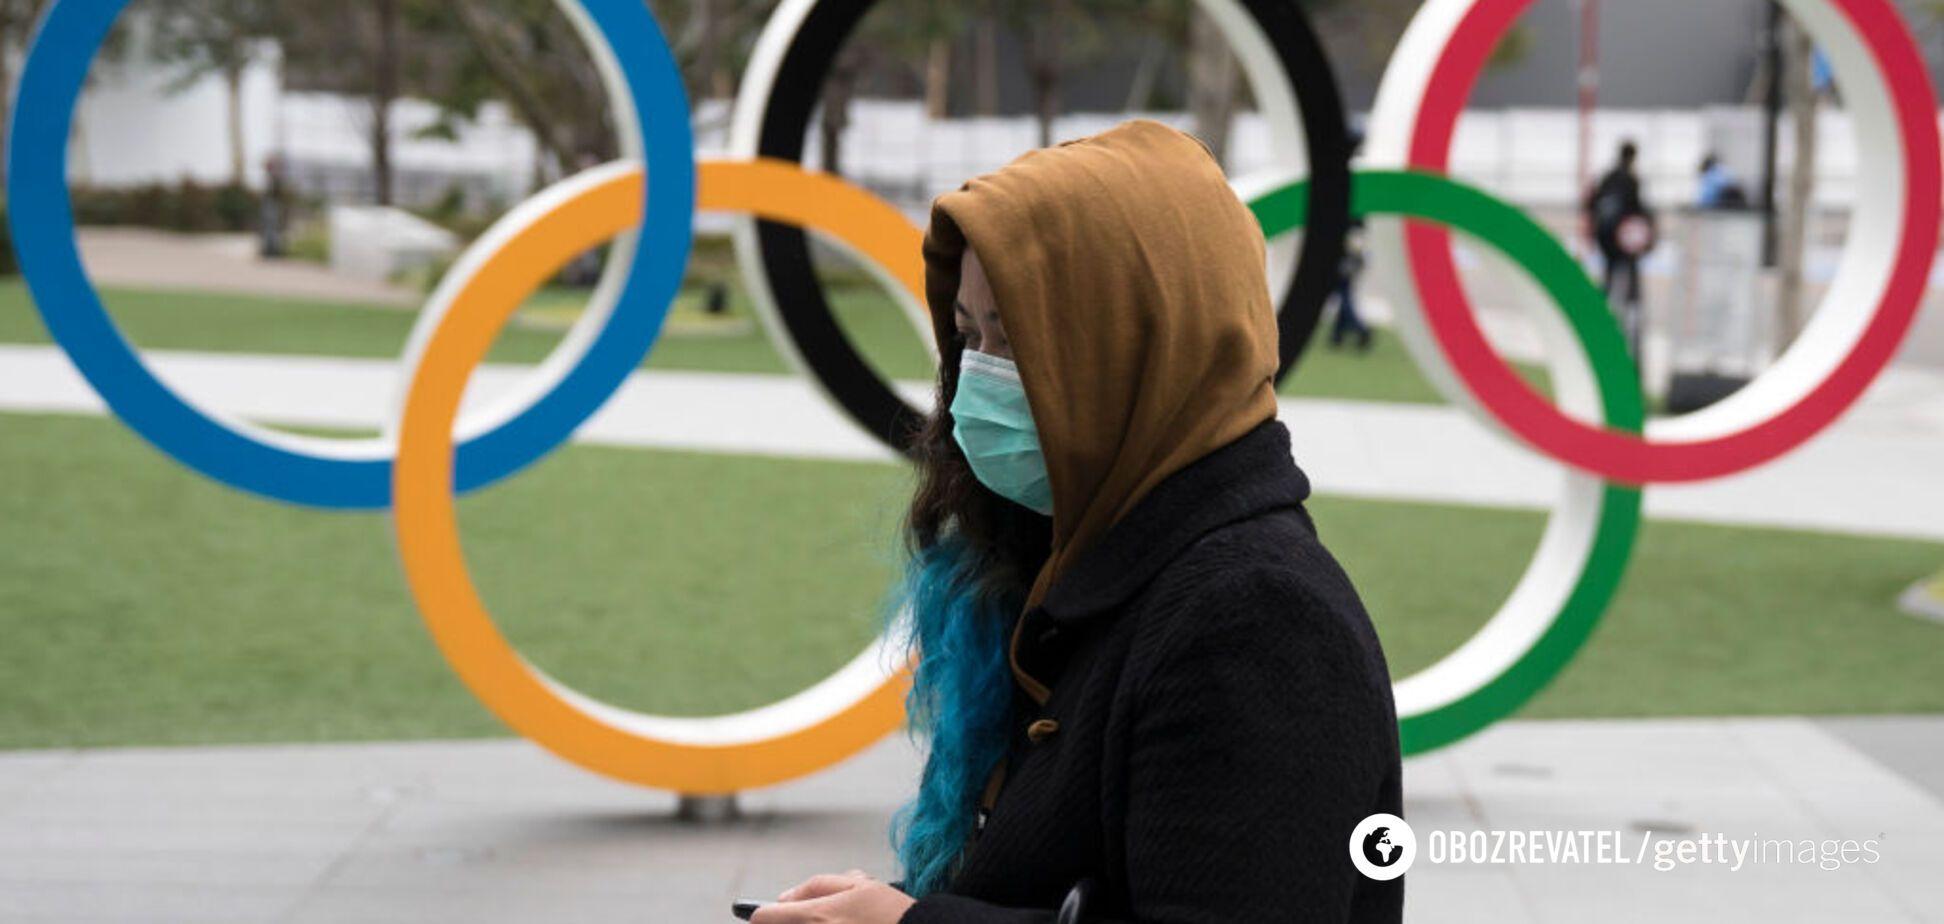 Пандемия коронавируса и Олимпиада: Трамп сделал заявление